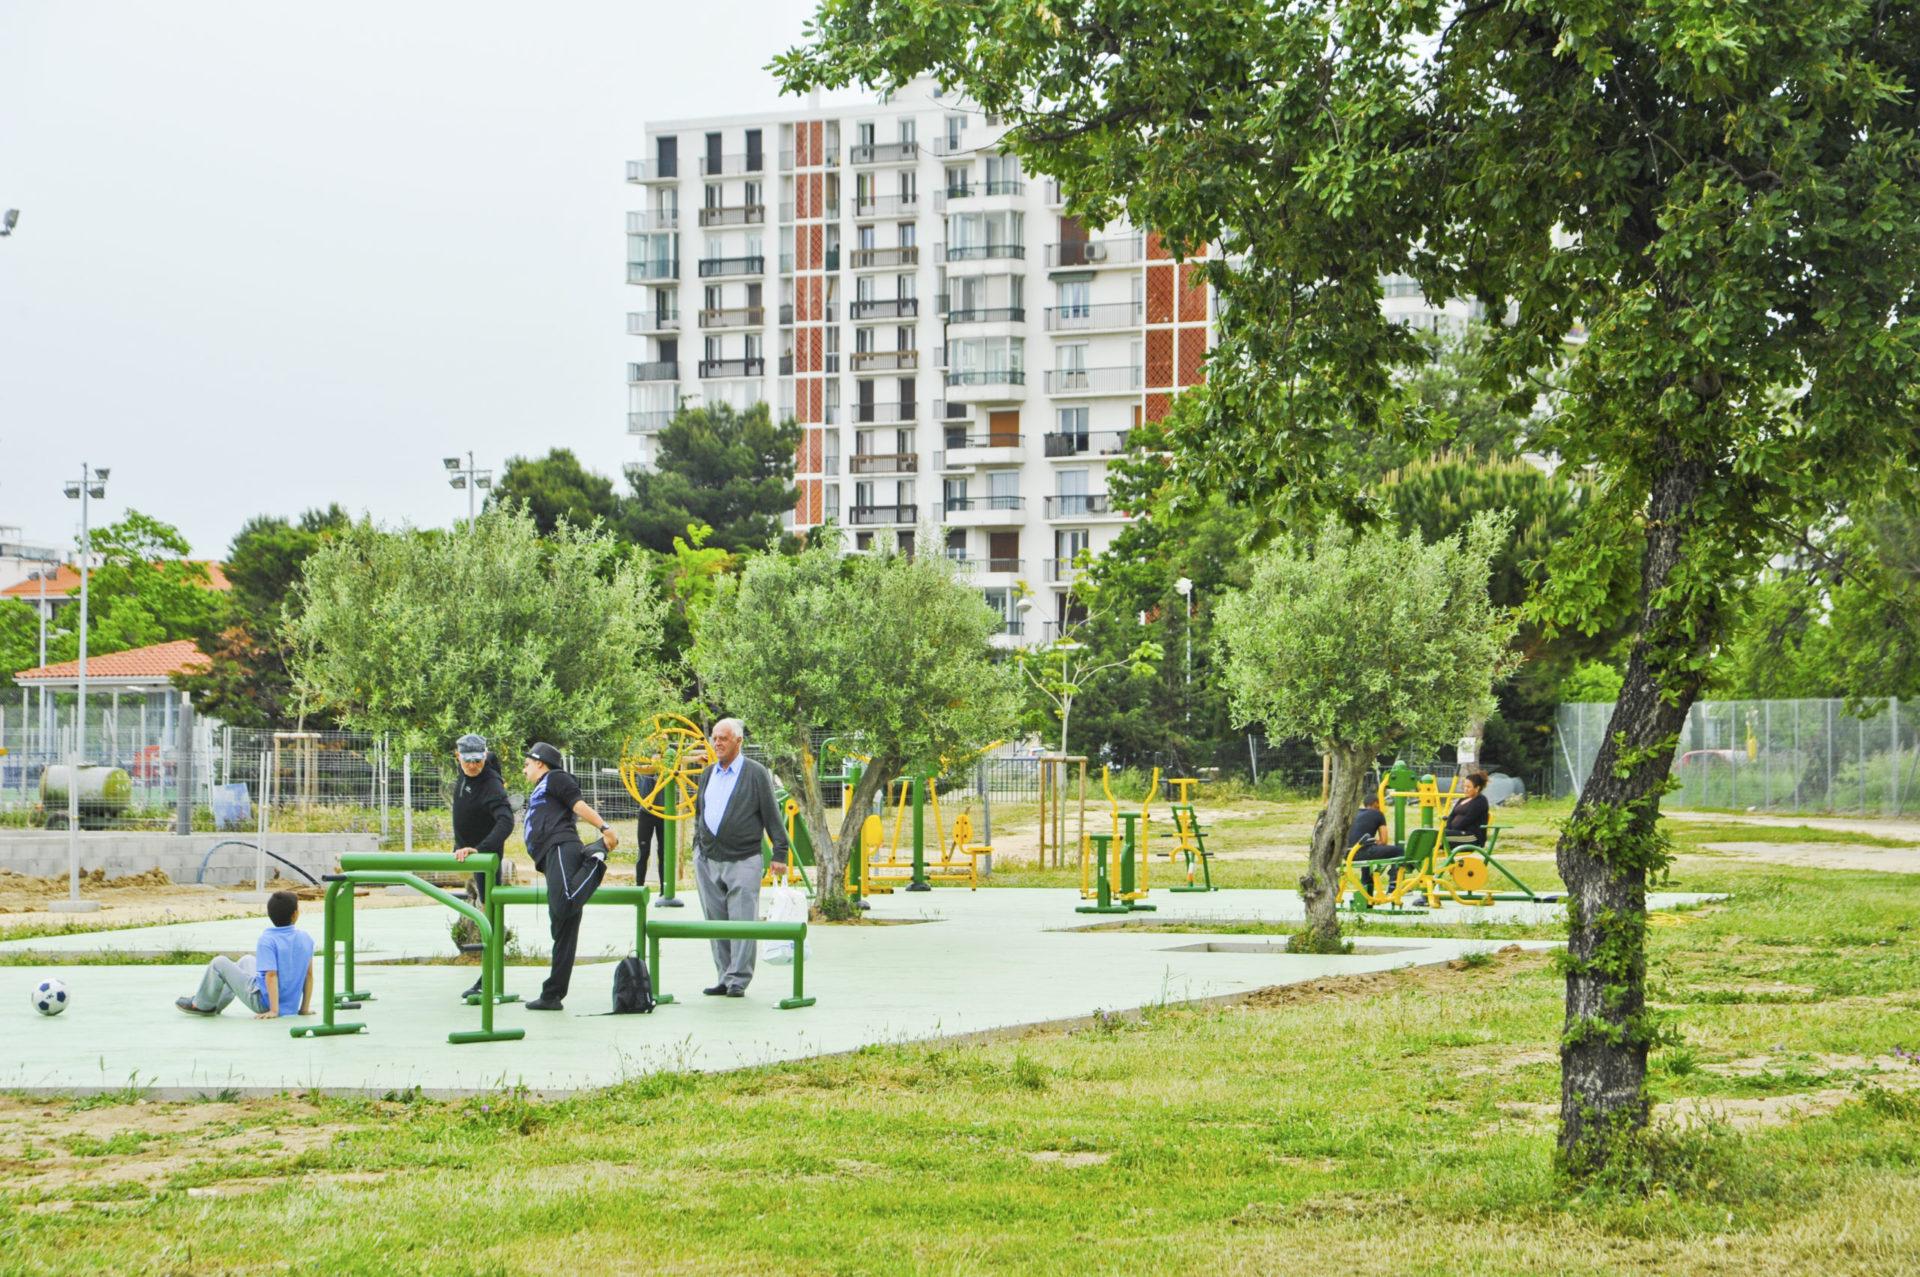 parcours fitness en ville